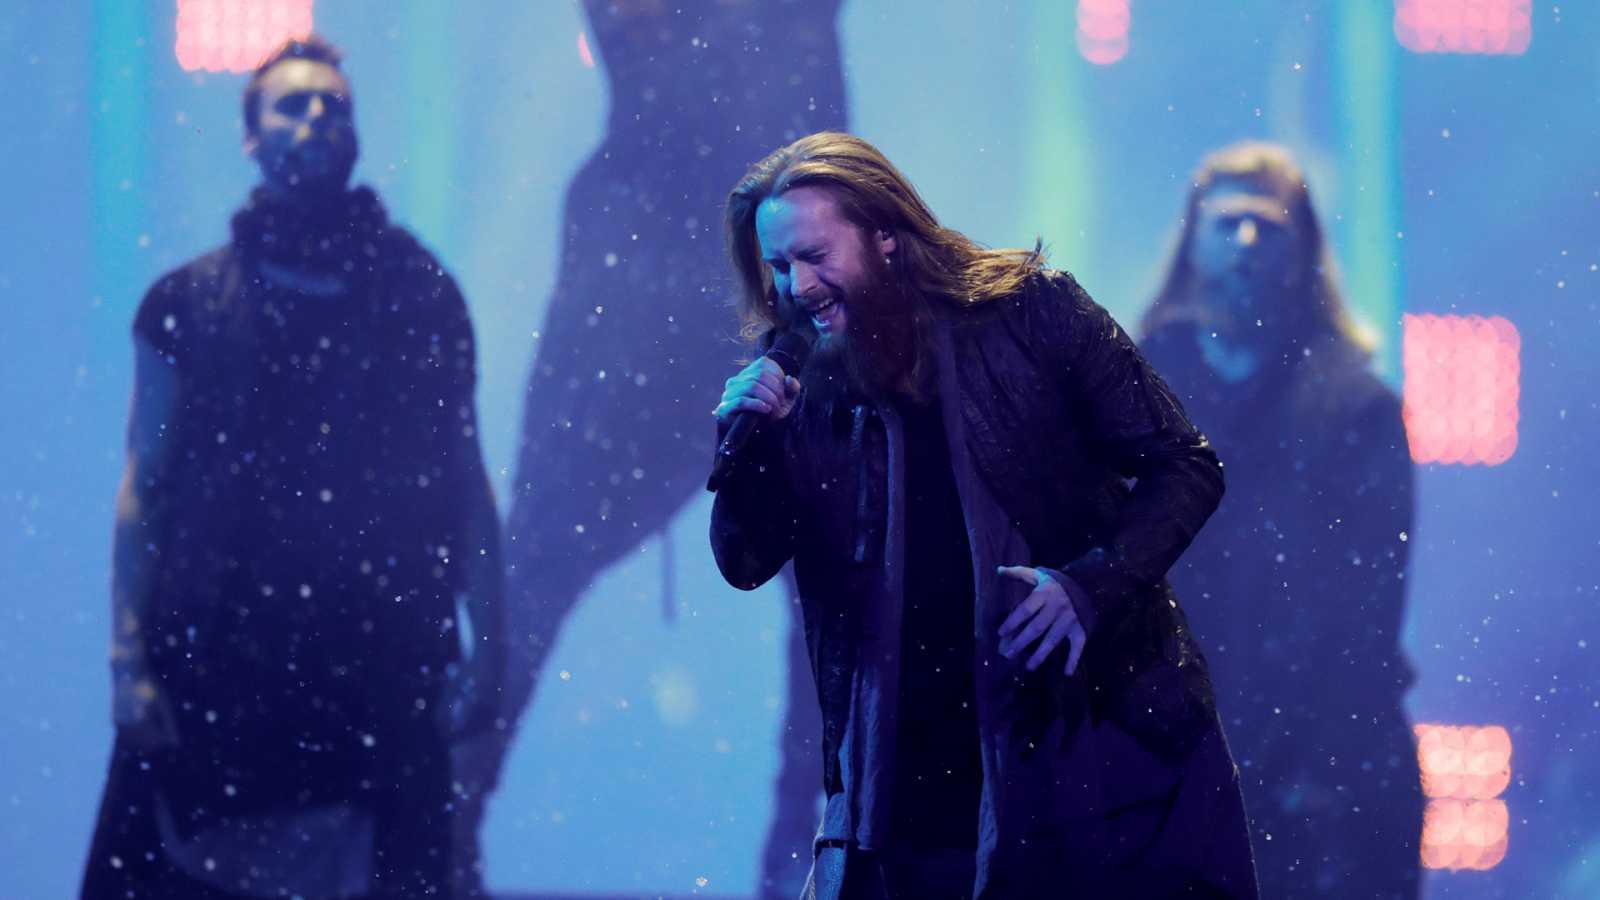 """Eurovisión - Dinamarca: Rasmussen canta """"Higher Ground"""" en la segunda semifinal de Eurovisión 2018"""